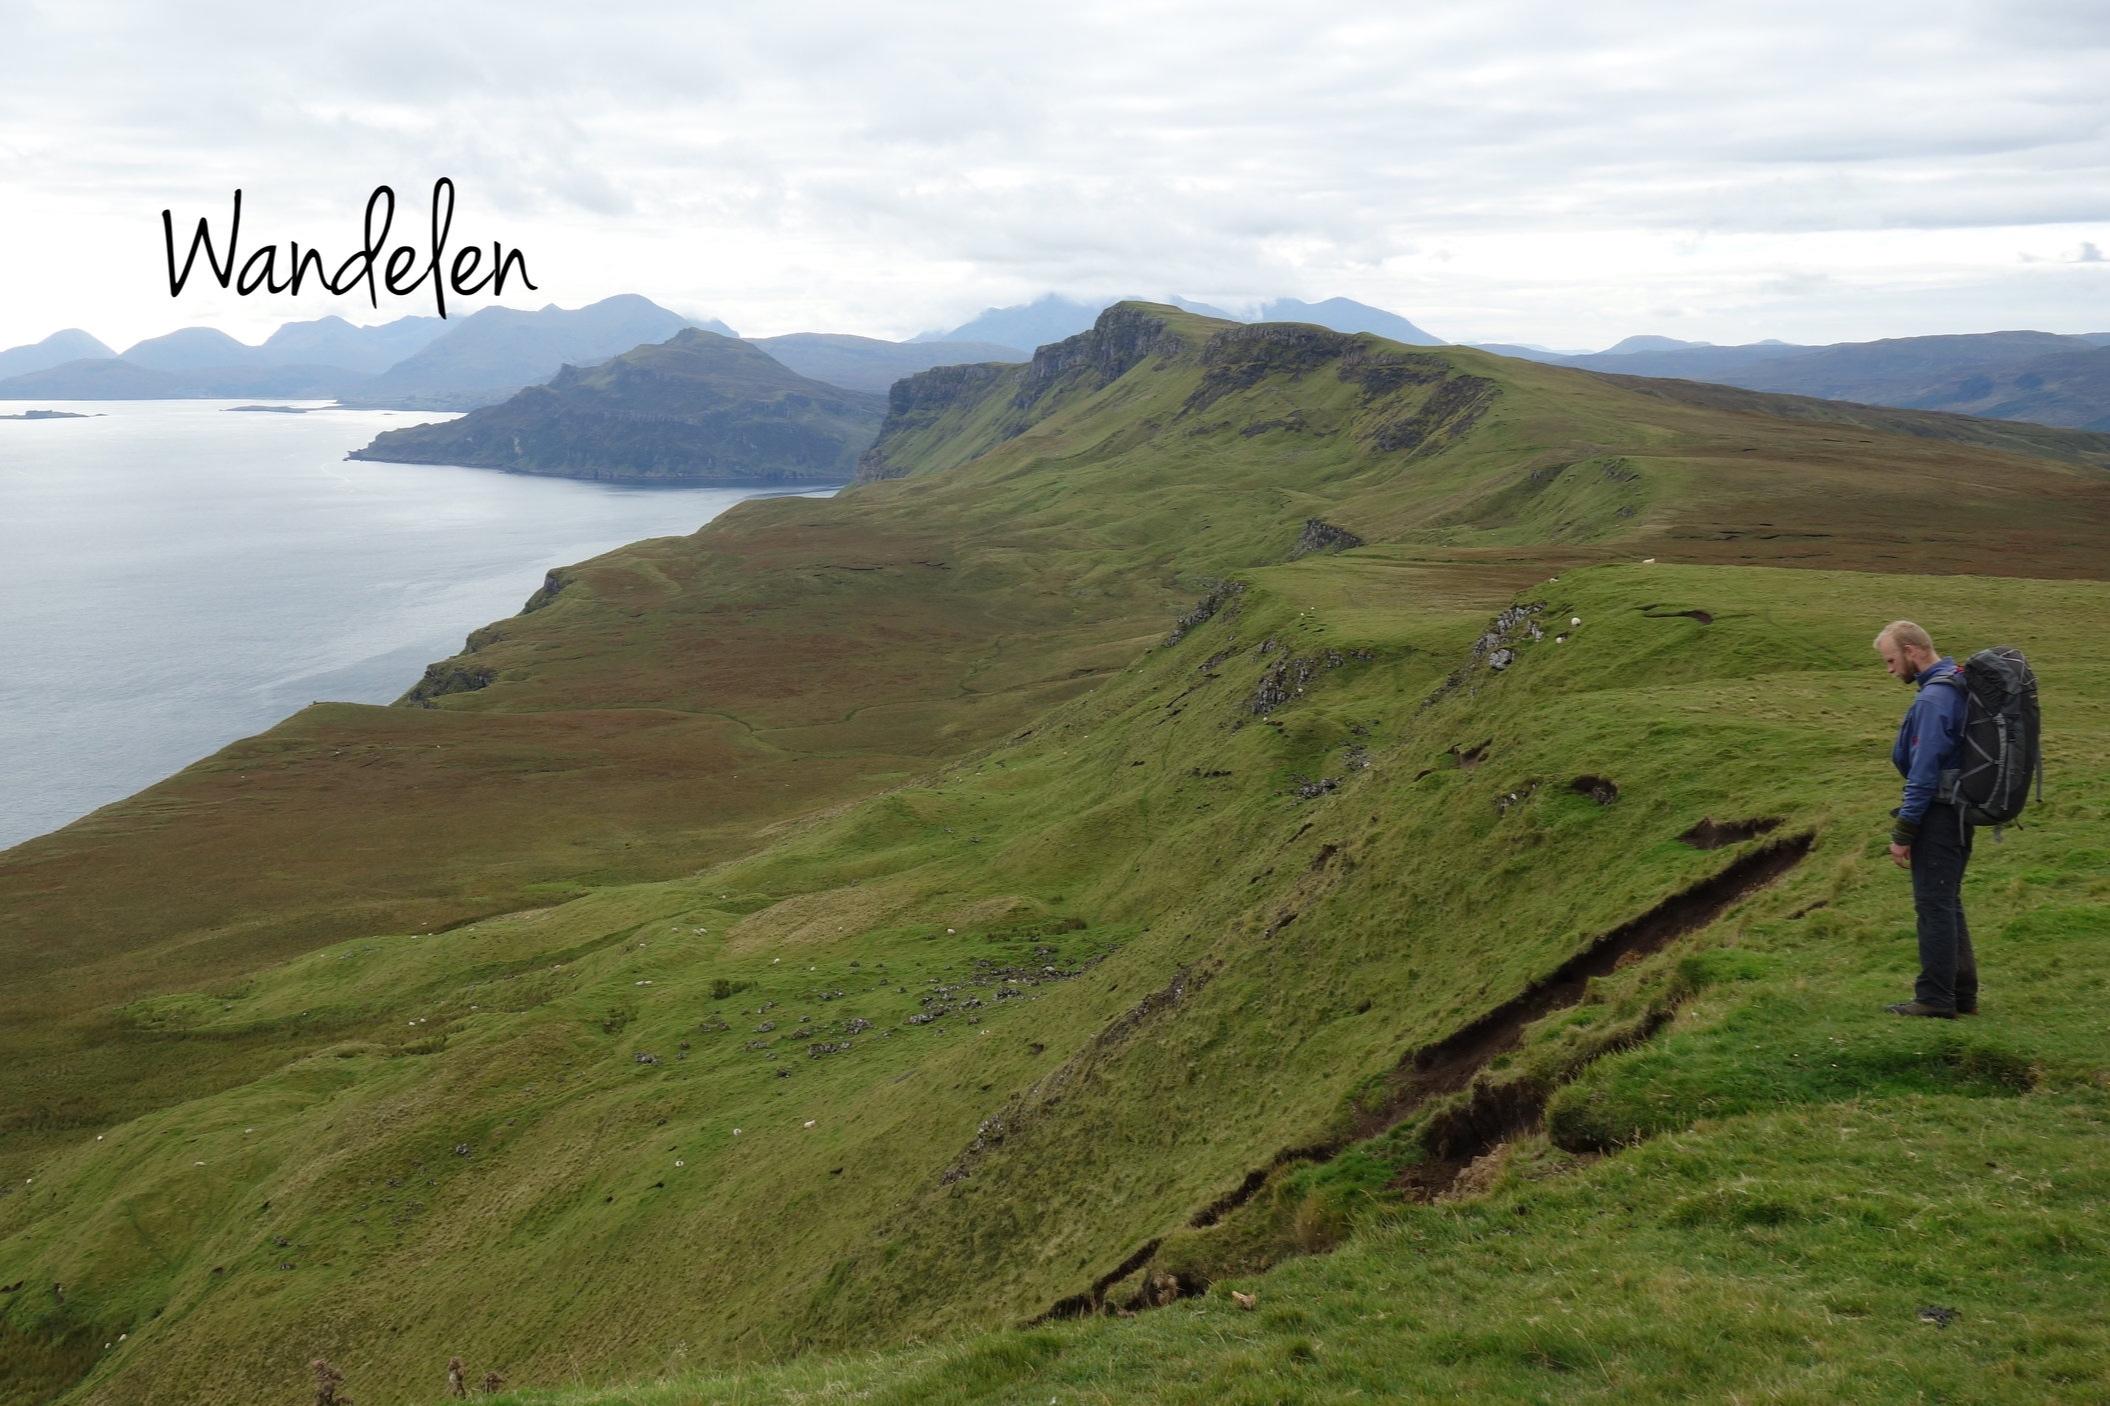 Als je een bergwandelgids loslaat op de topokaarten van de Hebriden, dan krijg je unieke trajecten voorgeschoteld op ongebaand terrein langs fenomenale kliffen.